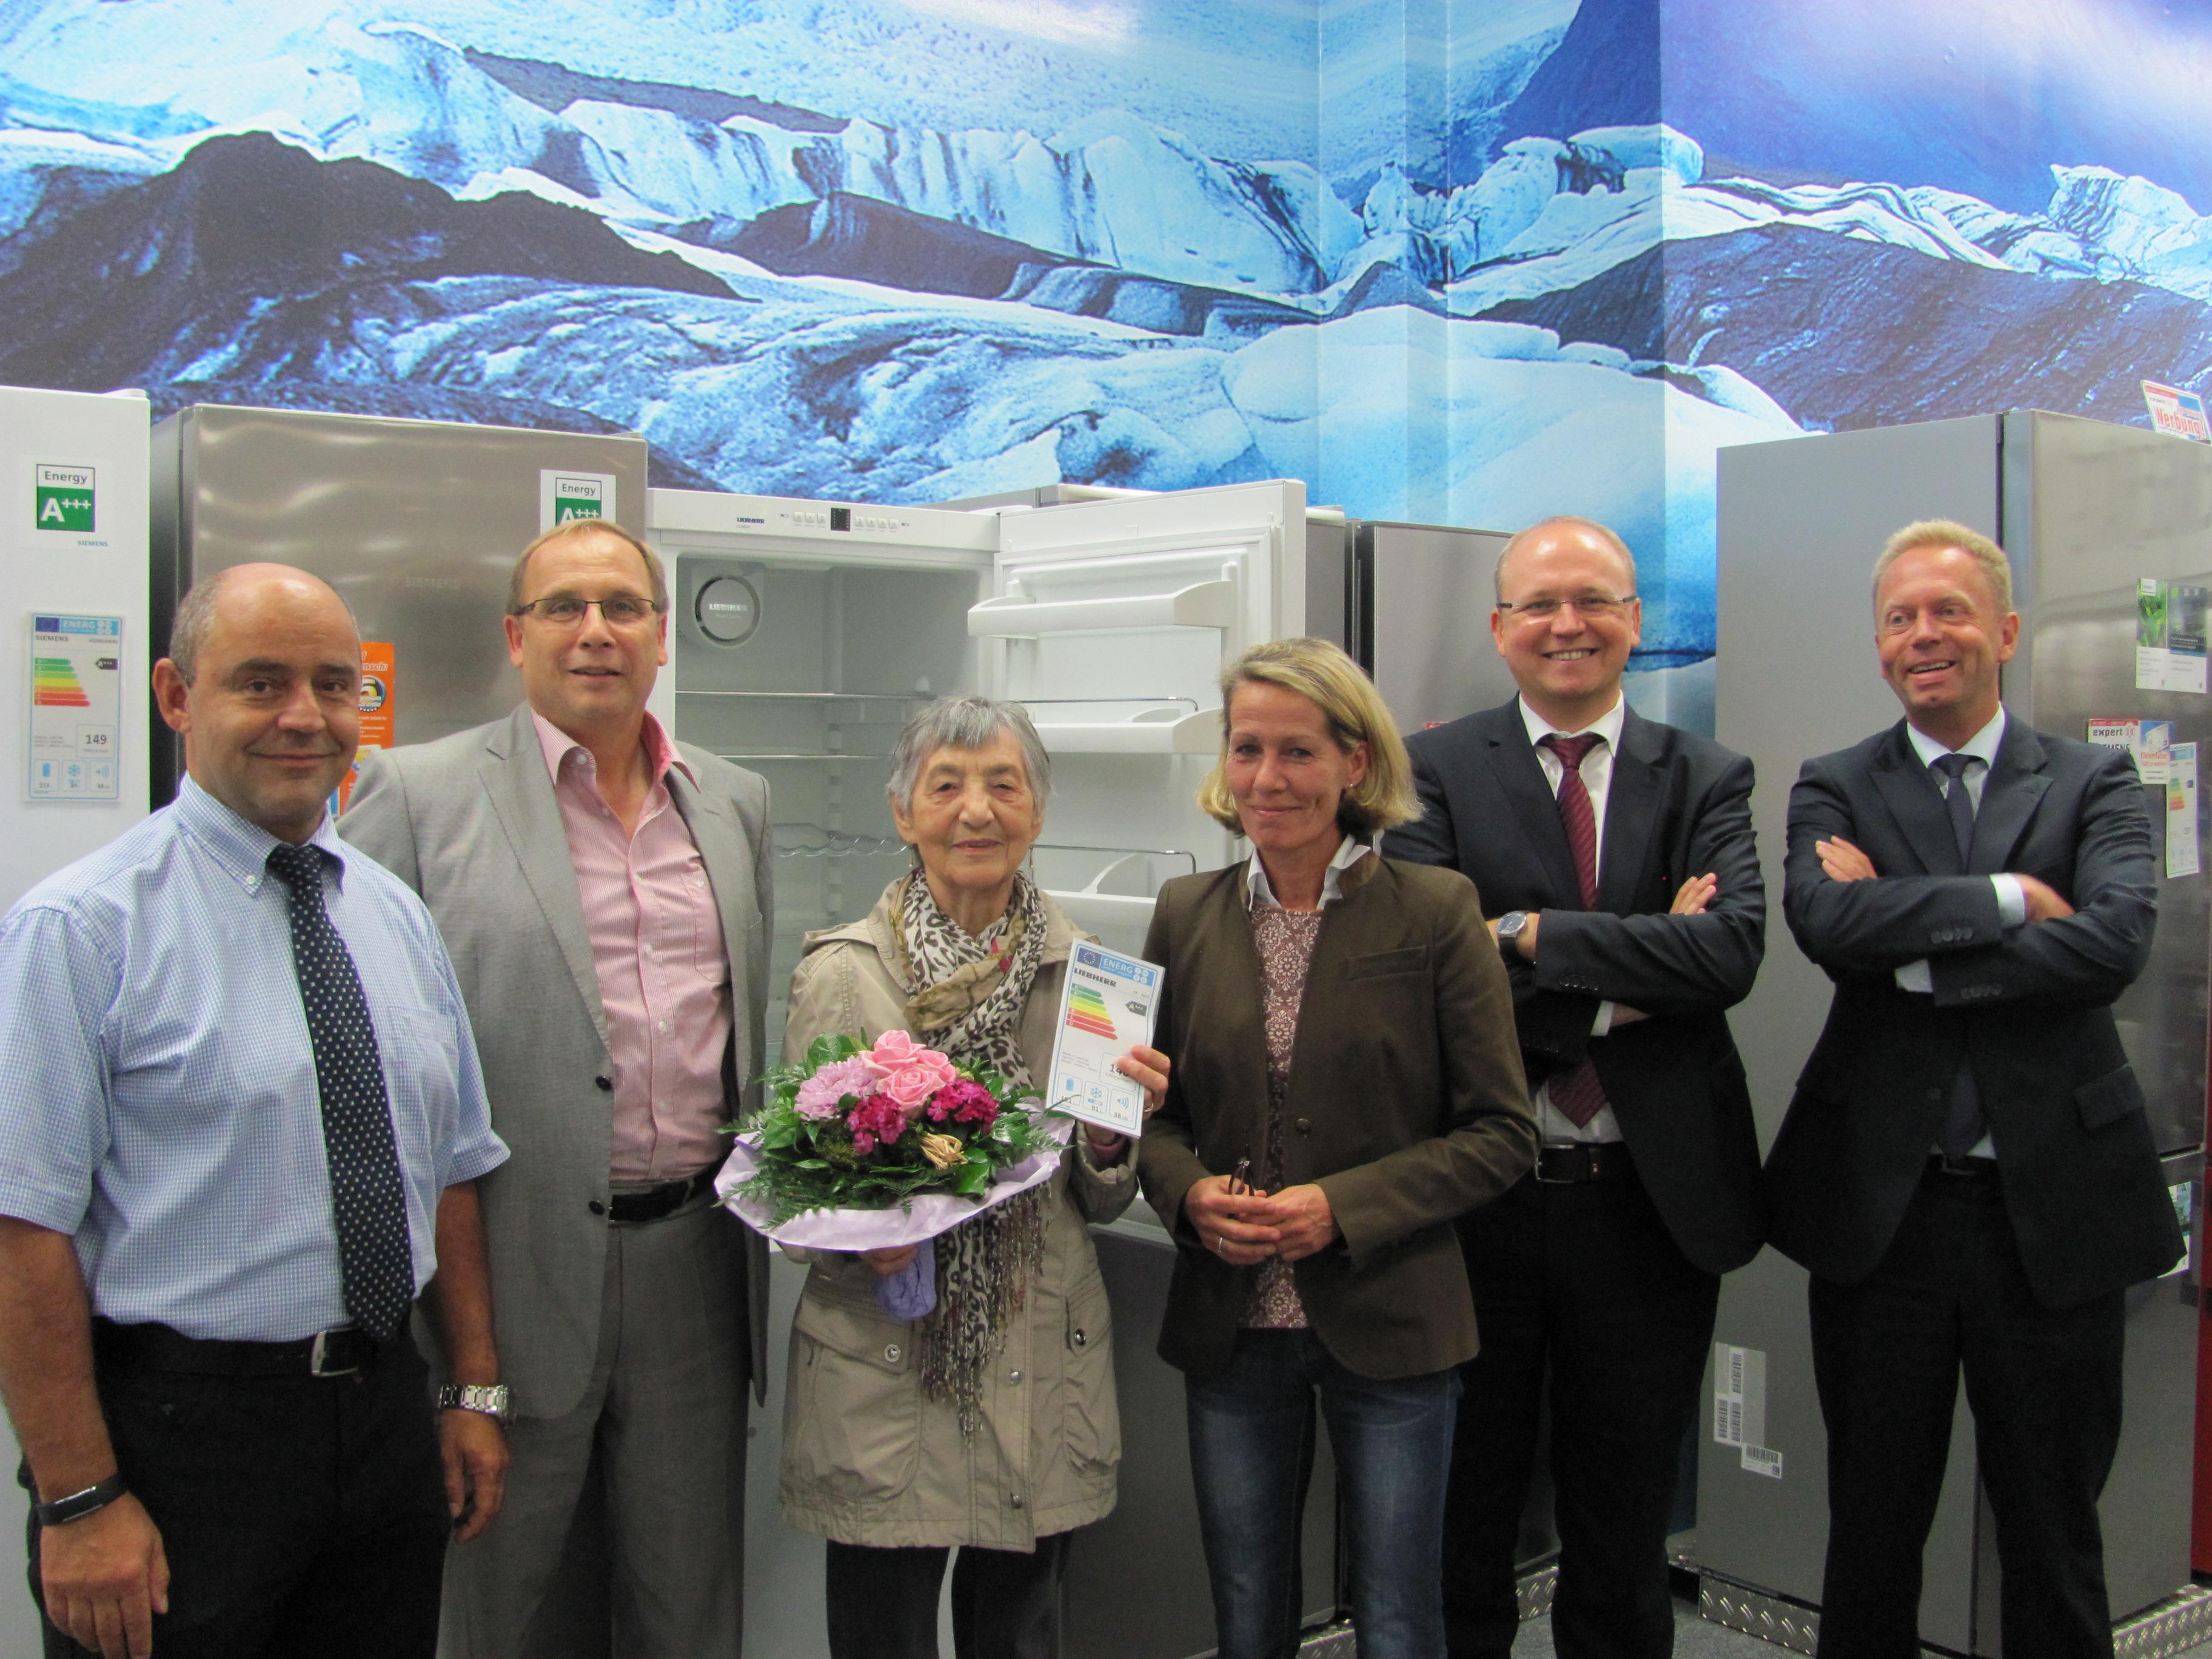 Aktion Kühlgerätetausch: alt gegen energieeffizient ...